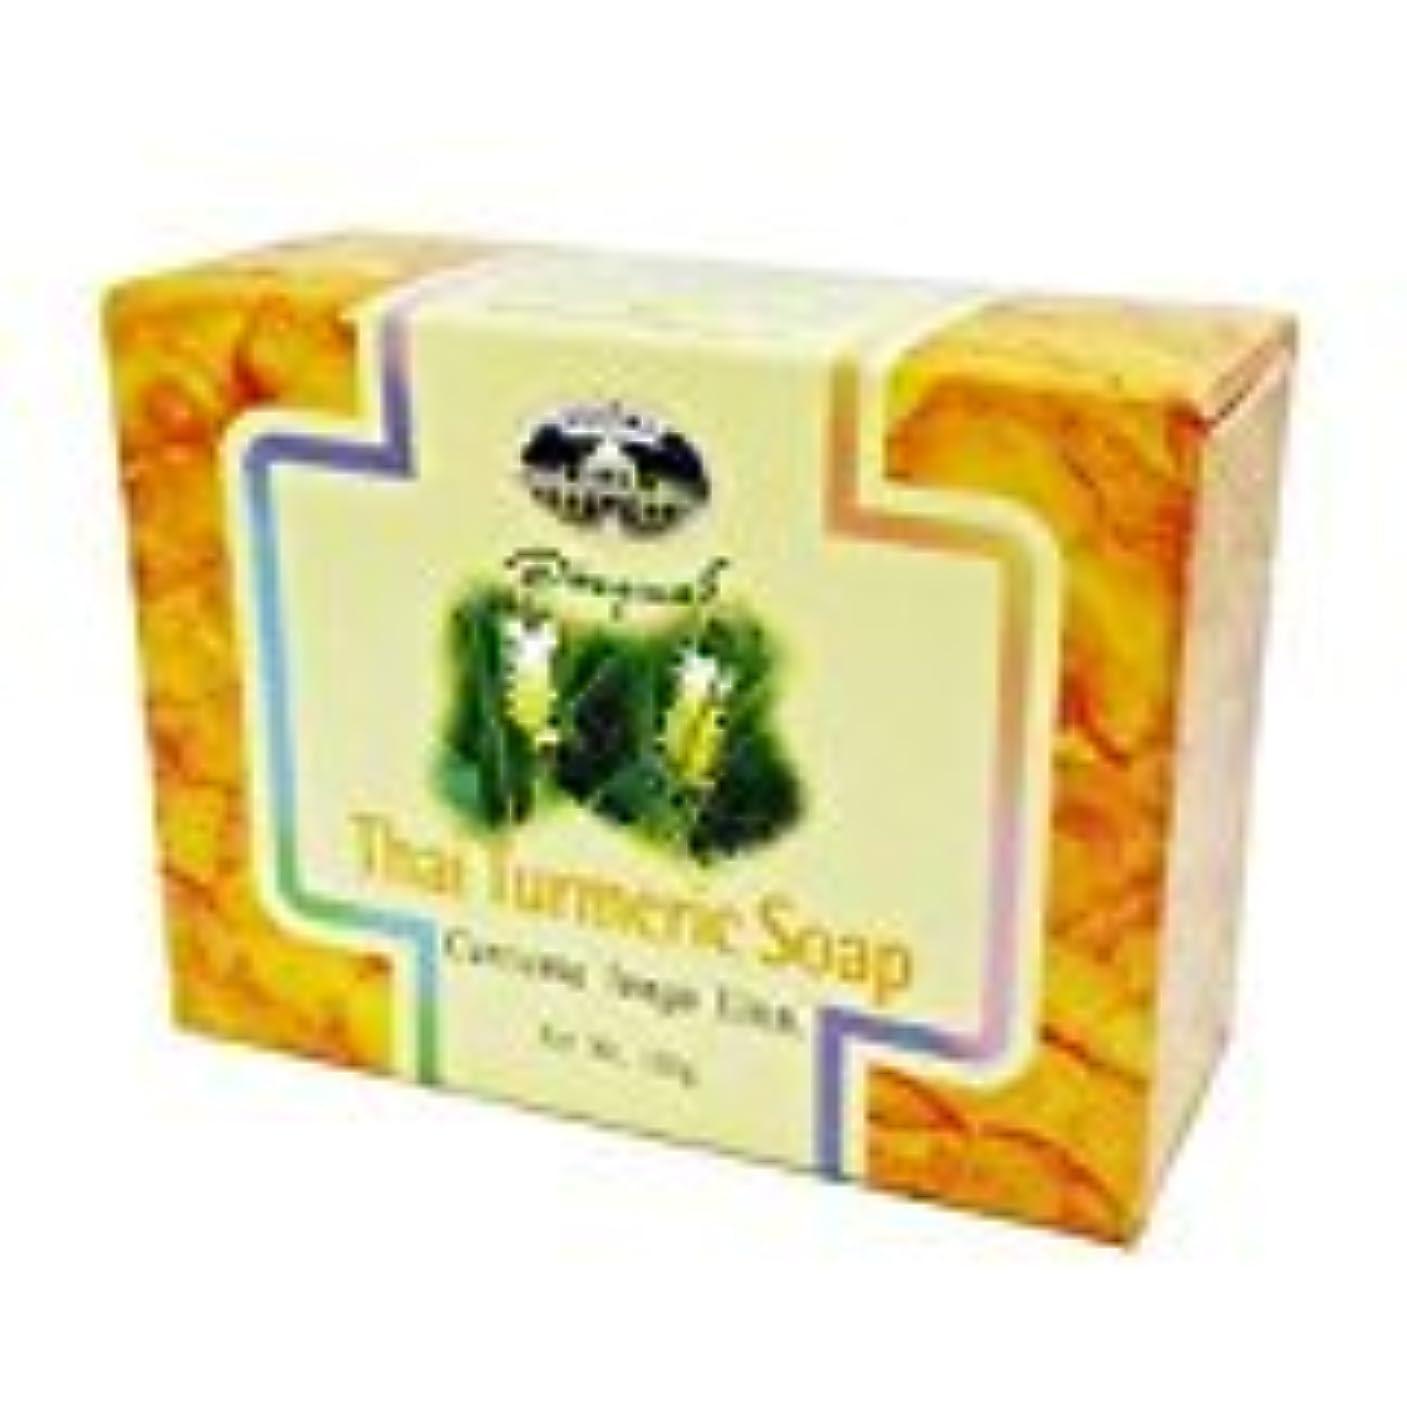 療法器具広くウコン石けん abhaibhubejhr Turmeric soap 100g